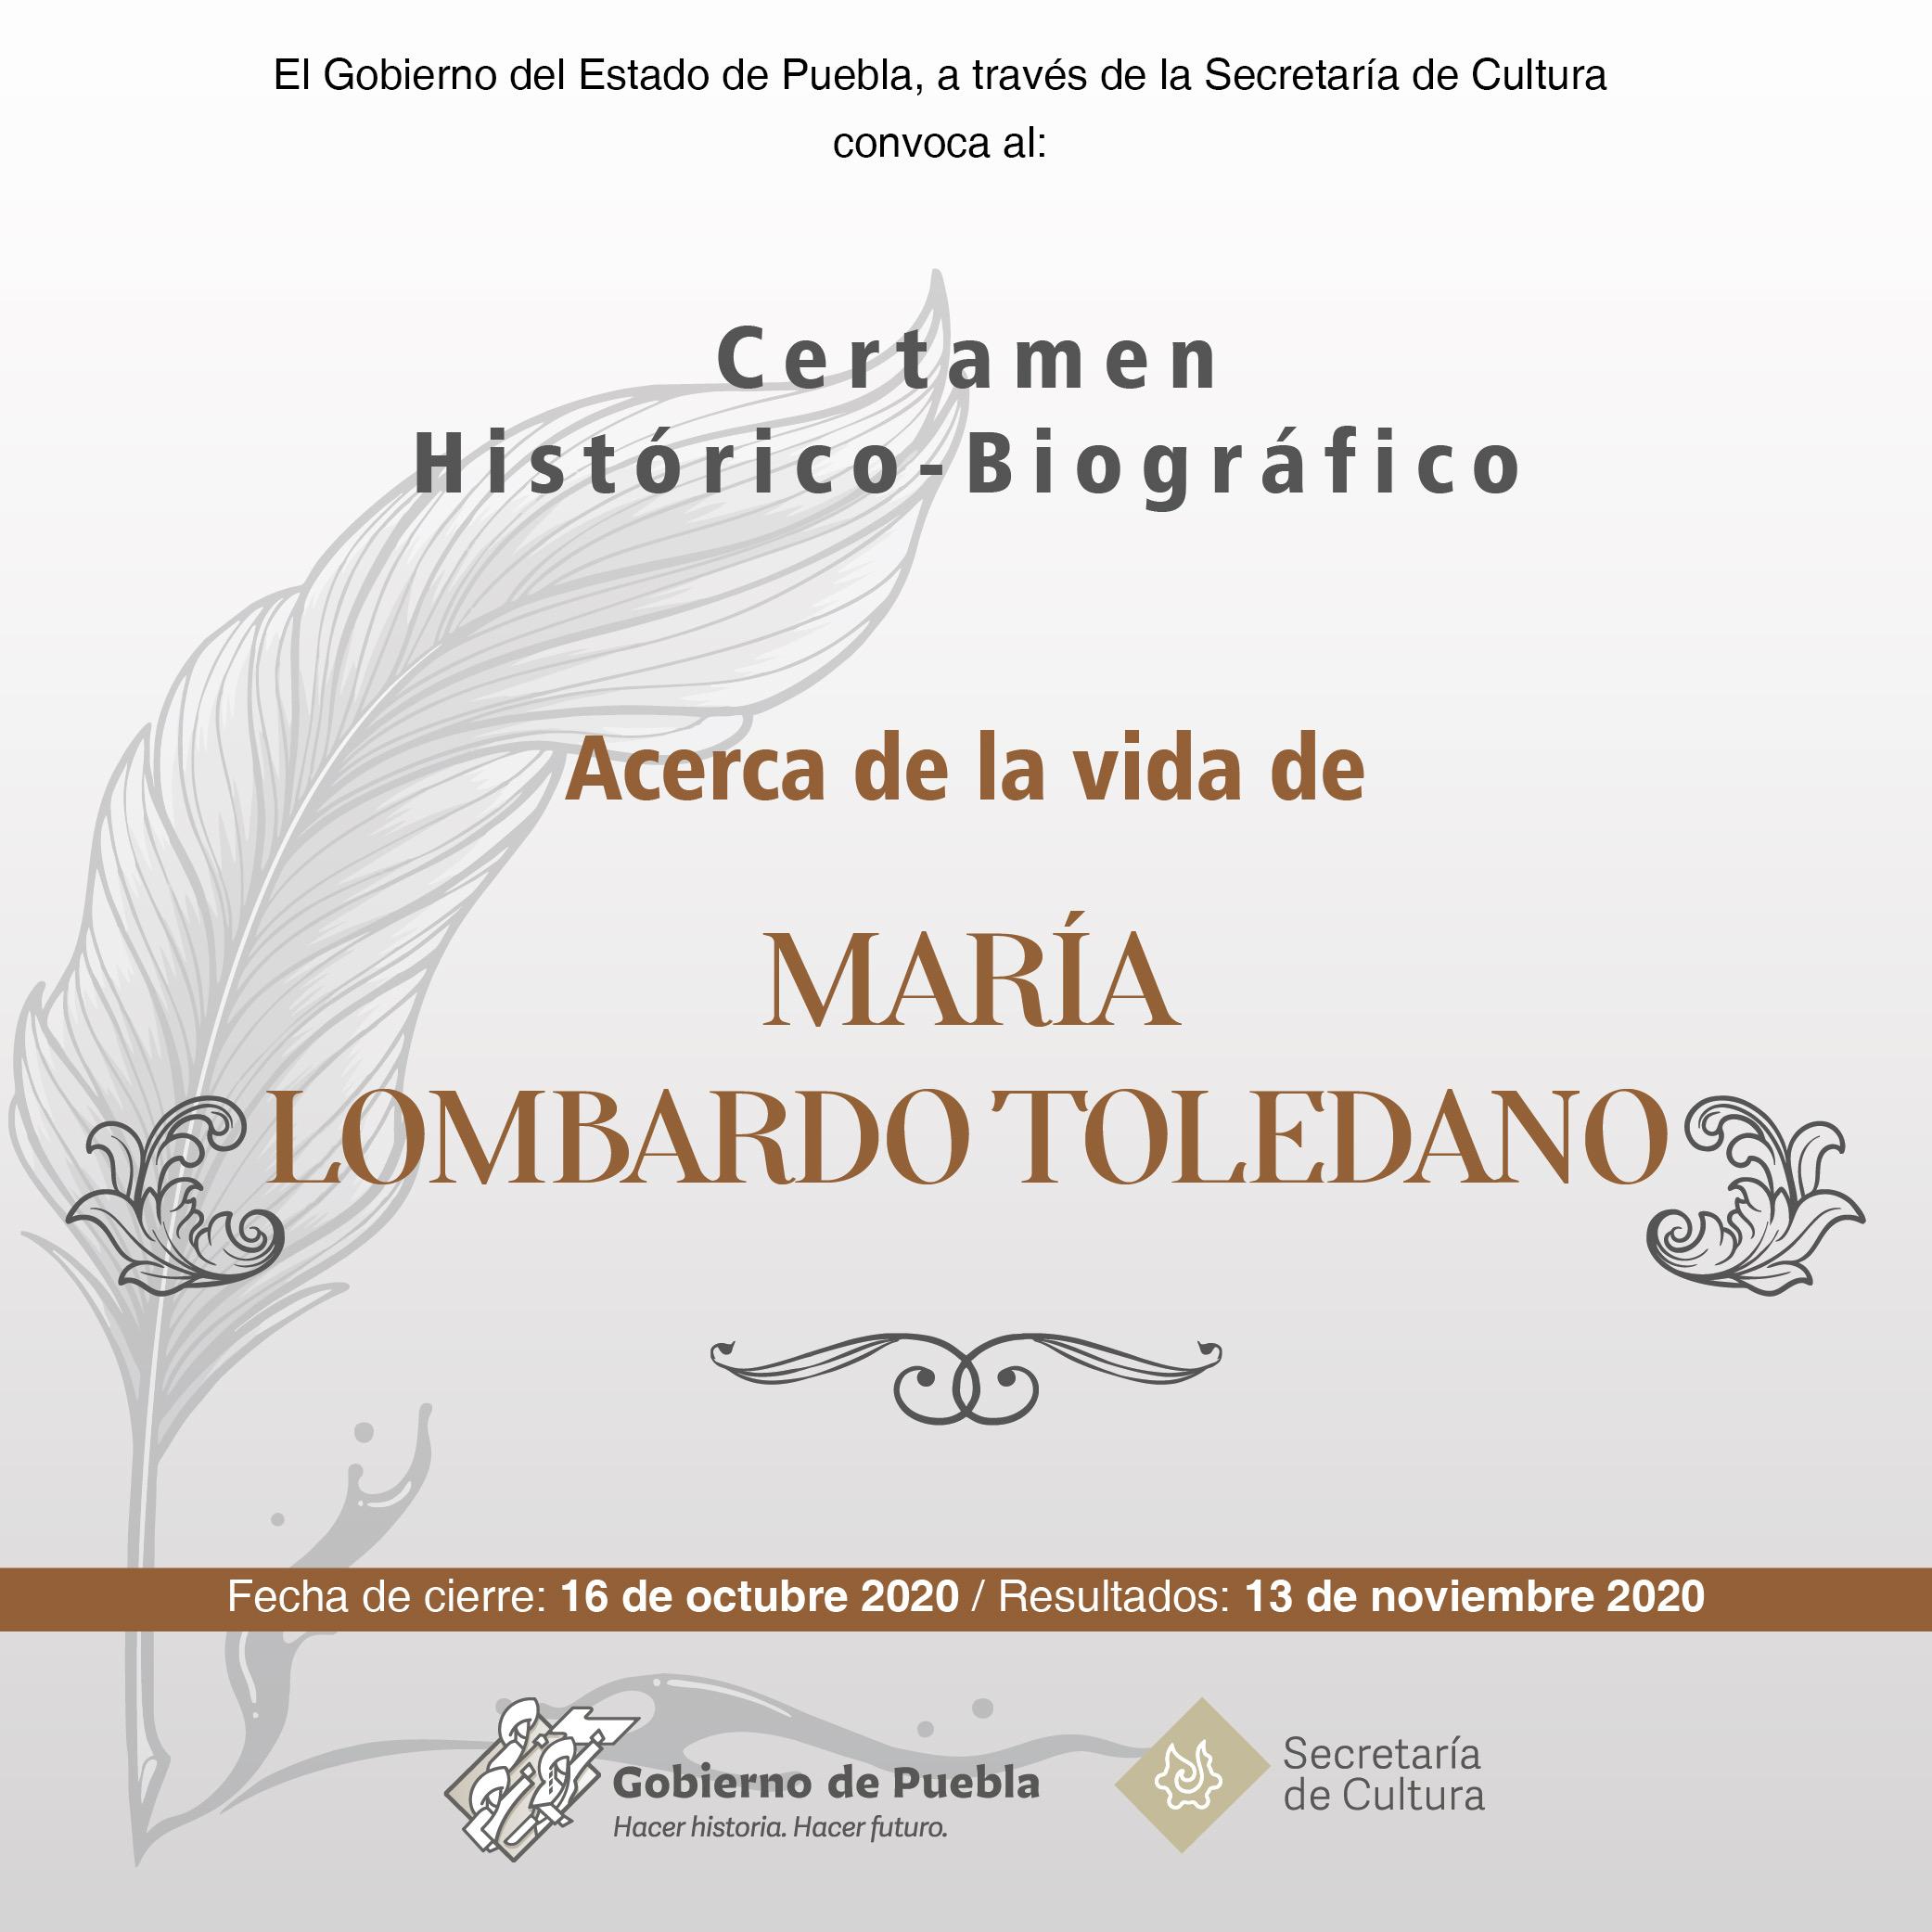 Lanza Secretaría de Cultura de Puebla certamen sobre hechos histórico-biográficos